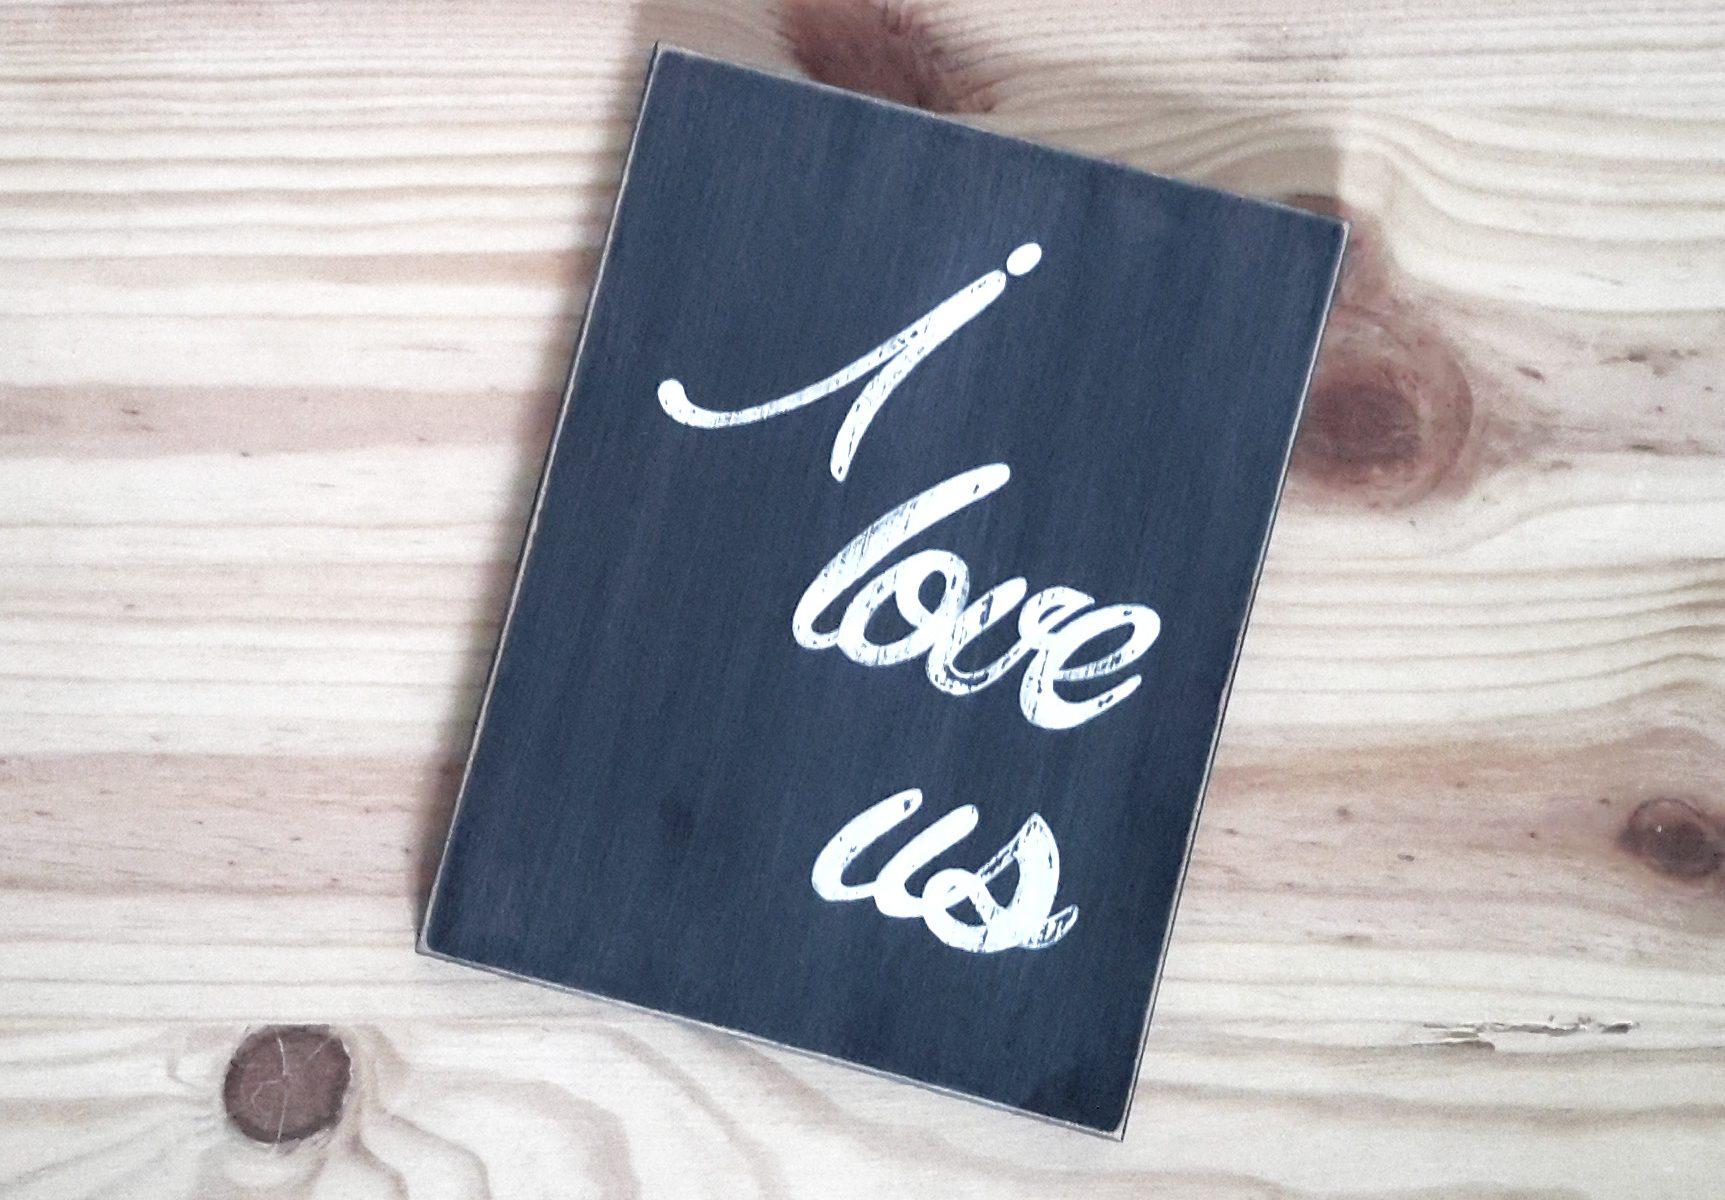 Tableau I love us